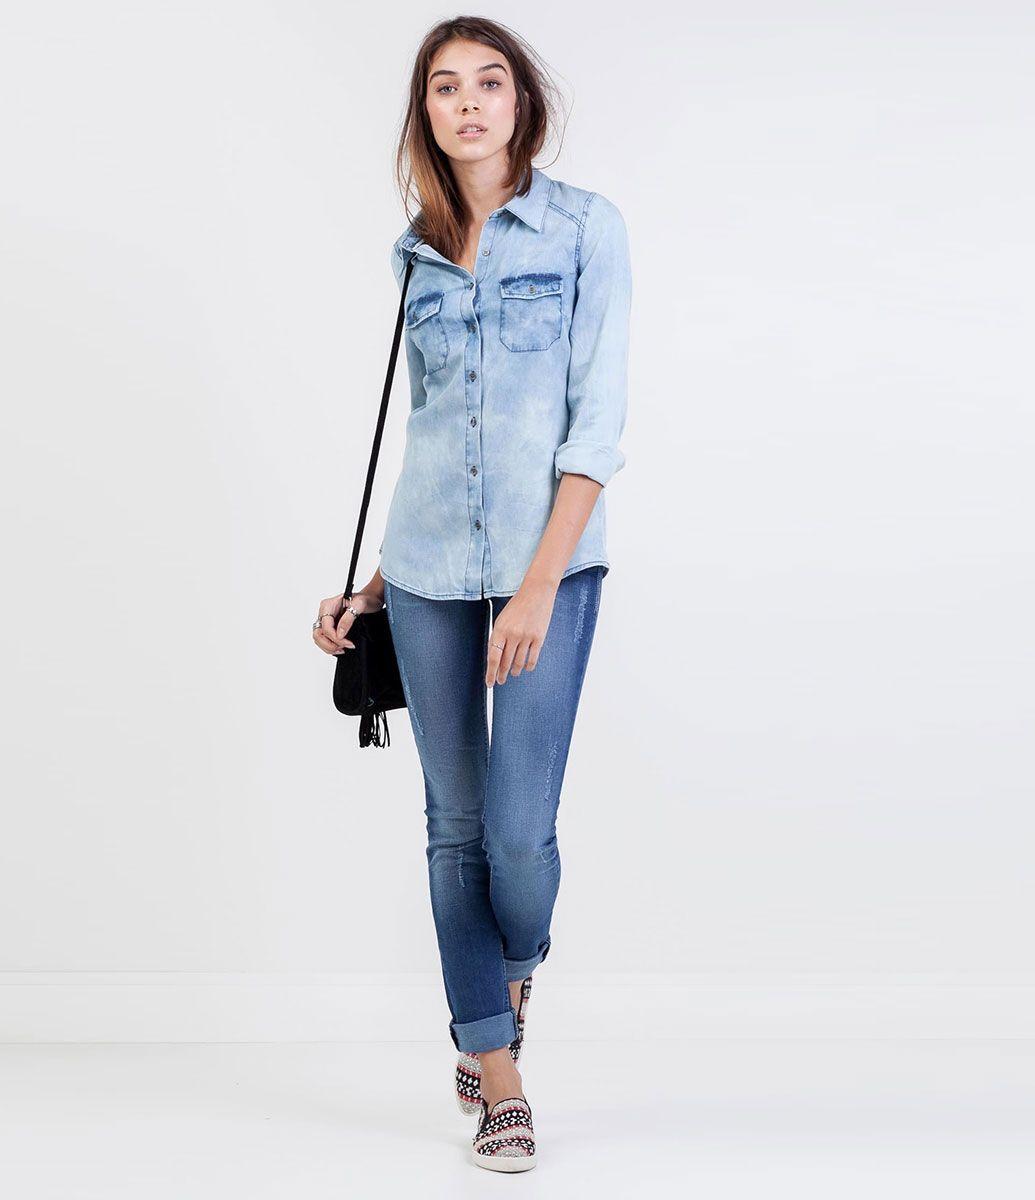 Camisa em Jeans Marmorizado - Lojas Renner